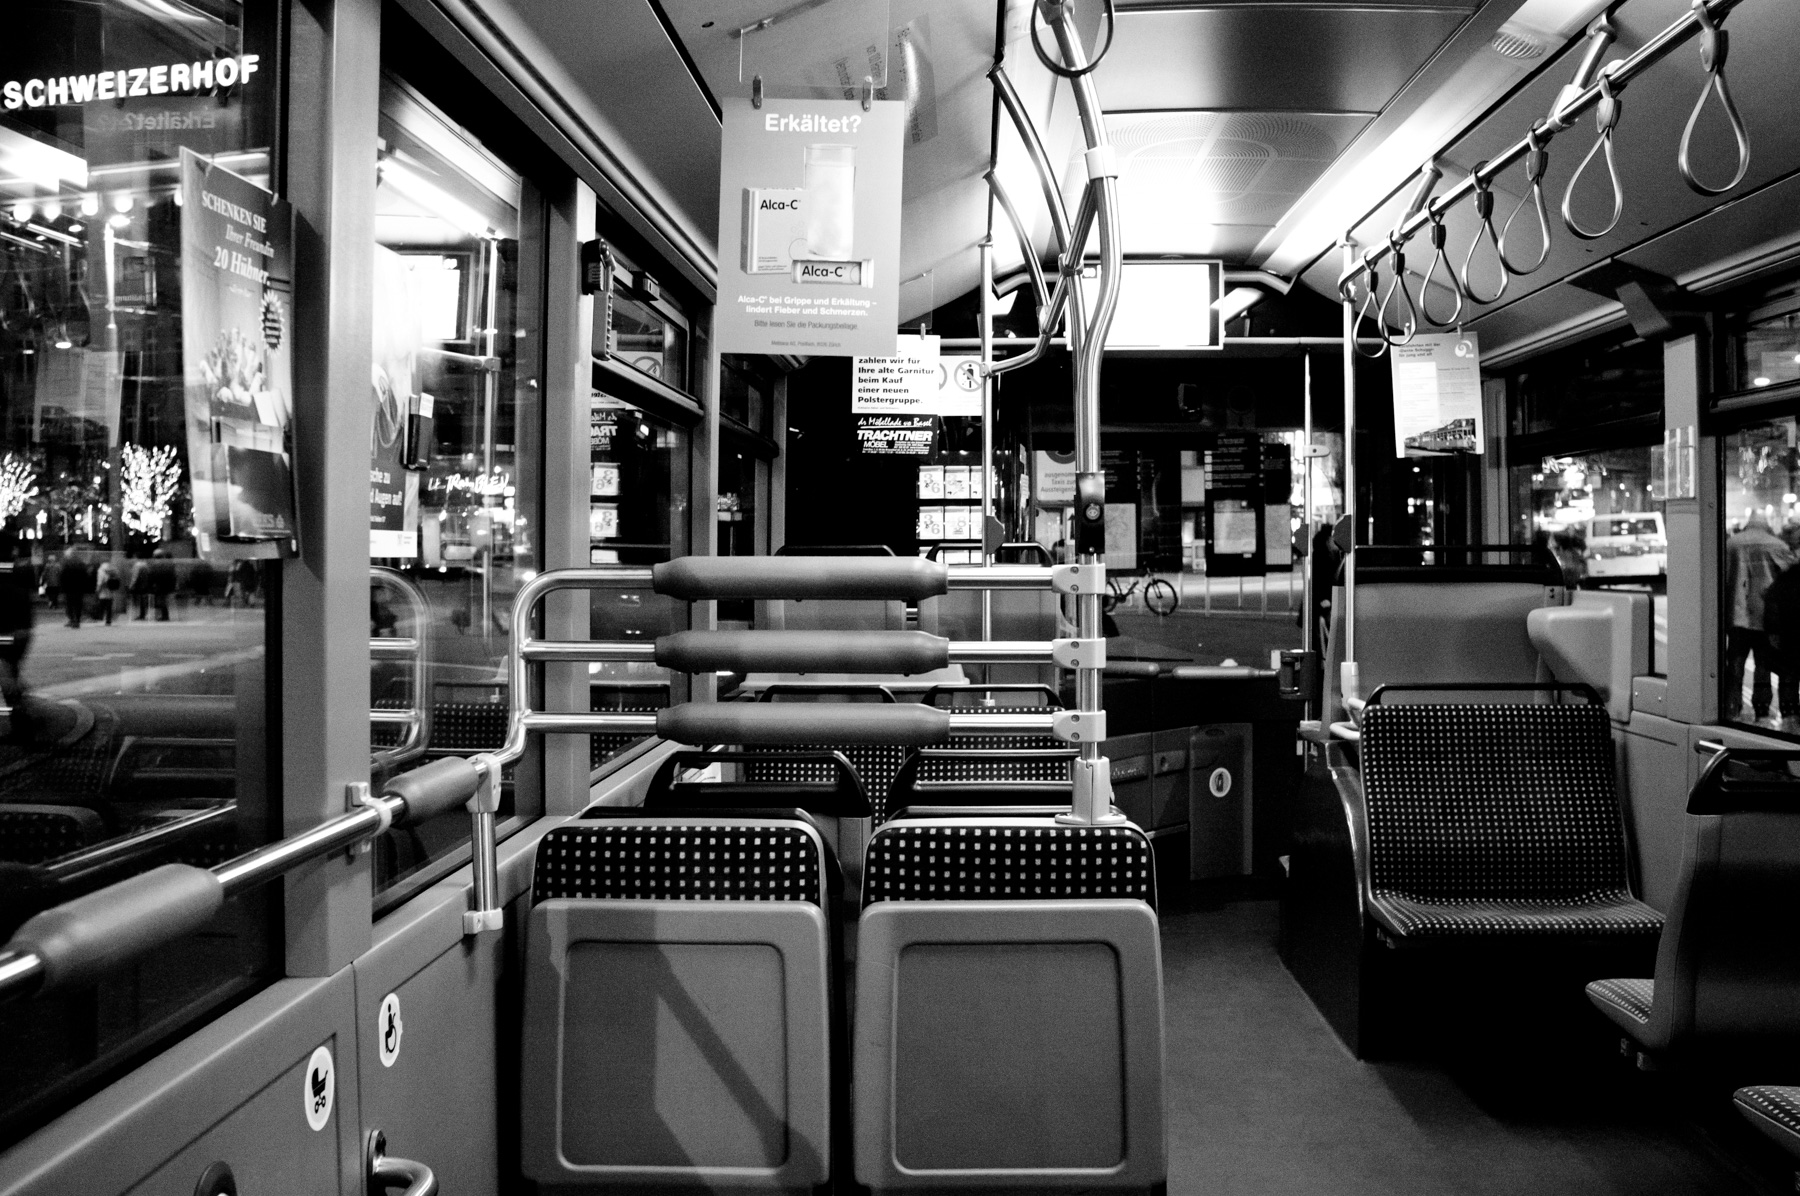 BW_Bus